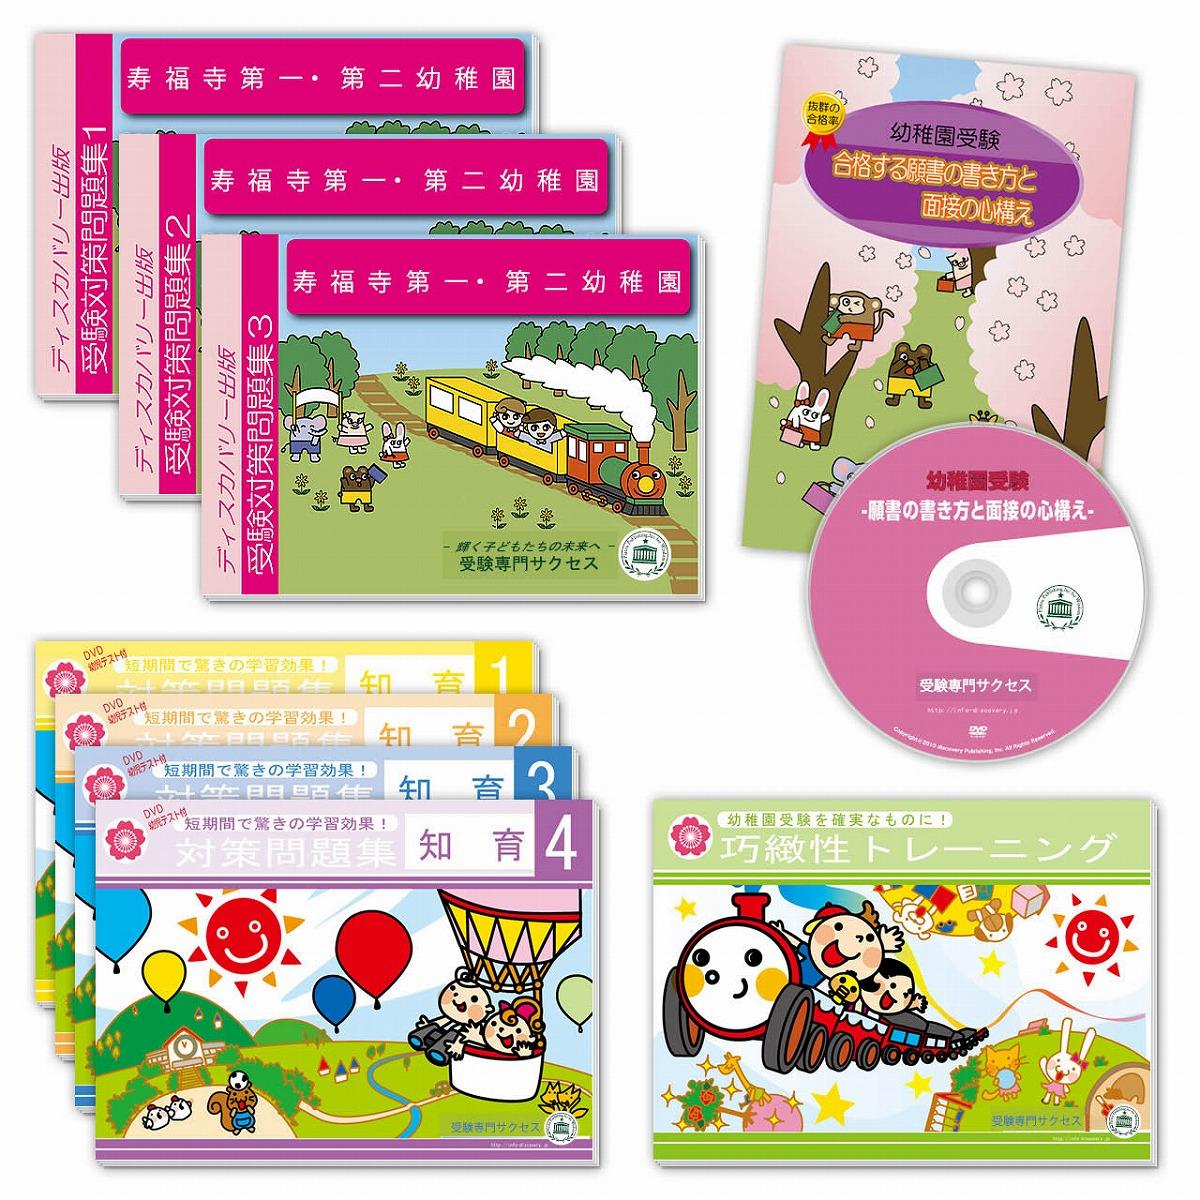 【送料・代引手数料無料】寿福寺第一・第二幼稚園・合格セット+補助教材セット